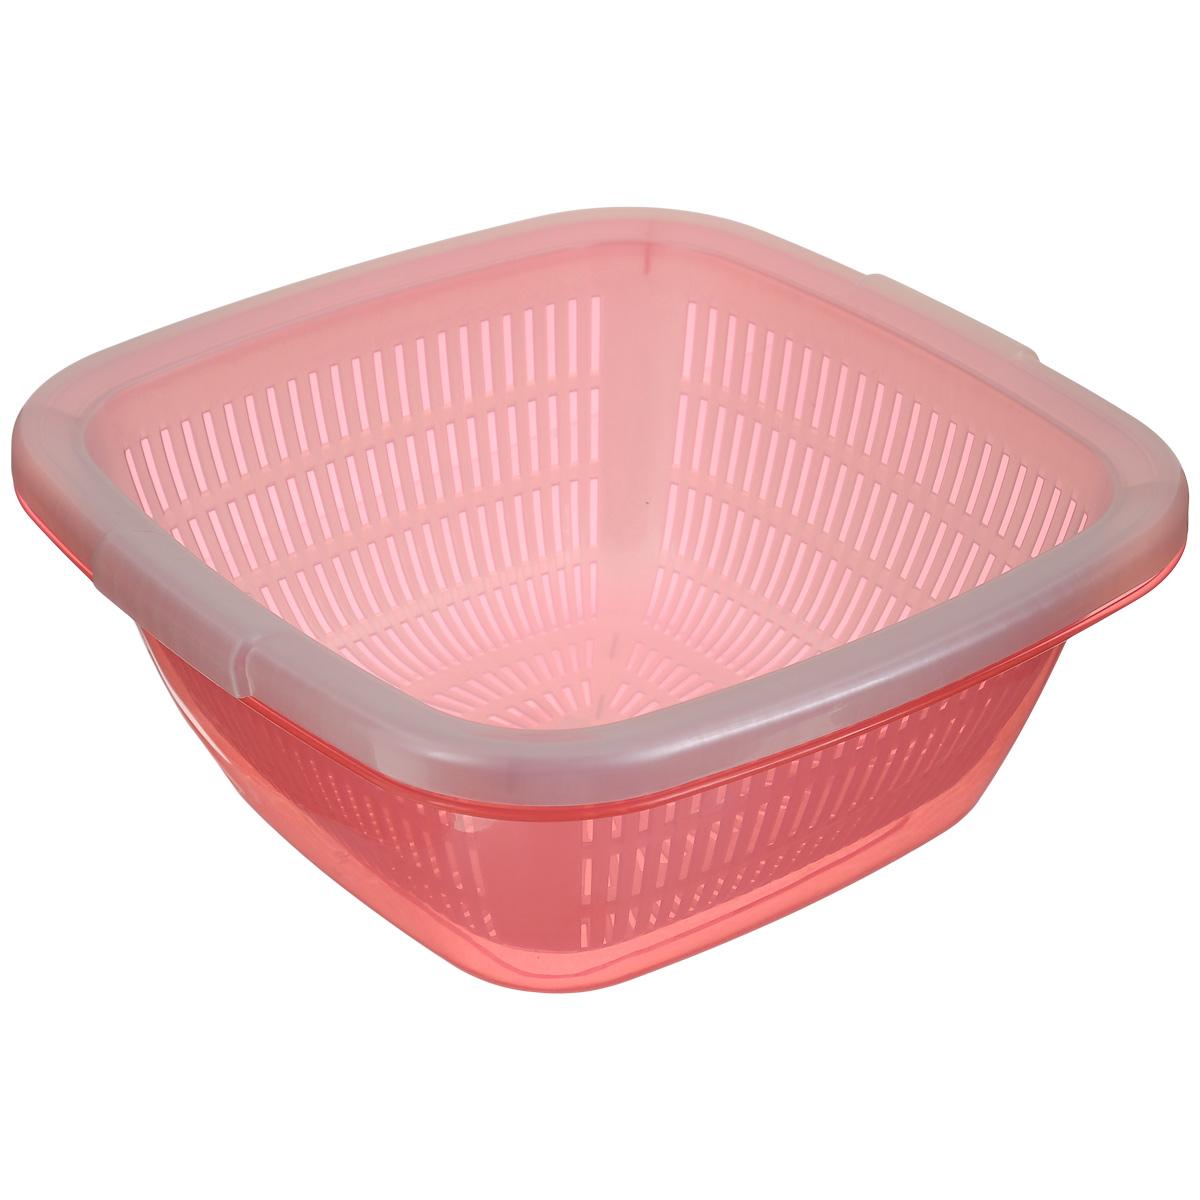 Дуршлаг Dunya Plastik, с поддоном, цвет: розовый, 4 л10221_ розовыйКвадратный дуршлаг Dunya Plastik, изготовленный из пластика, станет полезным приобретением для вашей кухни. Он идеально подходит для процеживания, ополаскивания и стекания макарон, овощей, фруктов. Дуршлаг оснащен поддоном, устойчивым основанием и удобными ручками по бокам. Дуршлаг Dunya Plastik займет достойное место среди аксессуаров на вашей кухне. Размер дуршлага по верхнему краю (с учетом ручек): 25,7 см х 25,2 см. Внутренний размер дуршлага: 21,7 см х 21,7 см. Высота стенки дуршлага: 10 см. Размер поддона: 25 см х 25 см х 10,5 см. Объем дуршлага: 4 л.